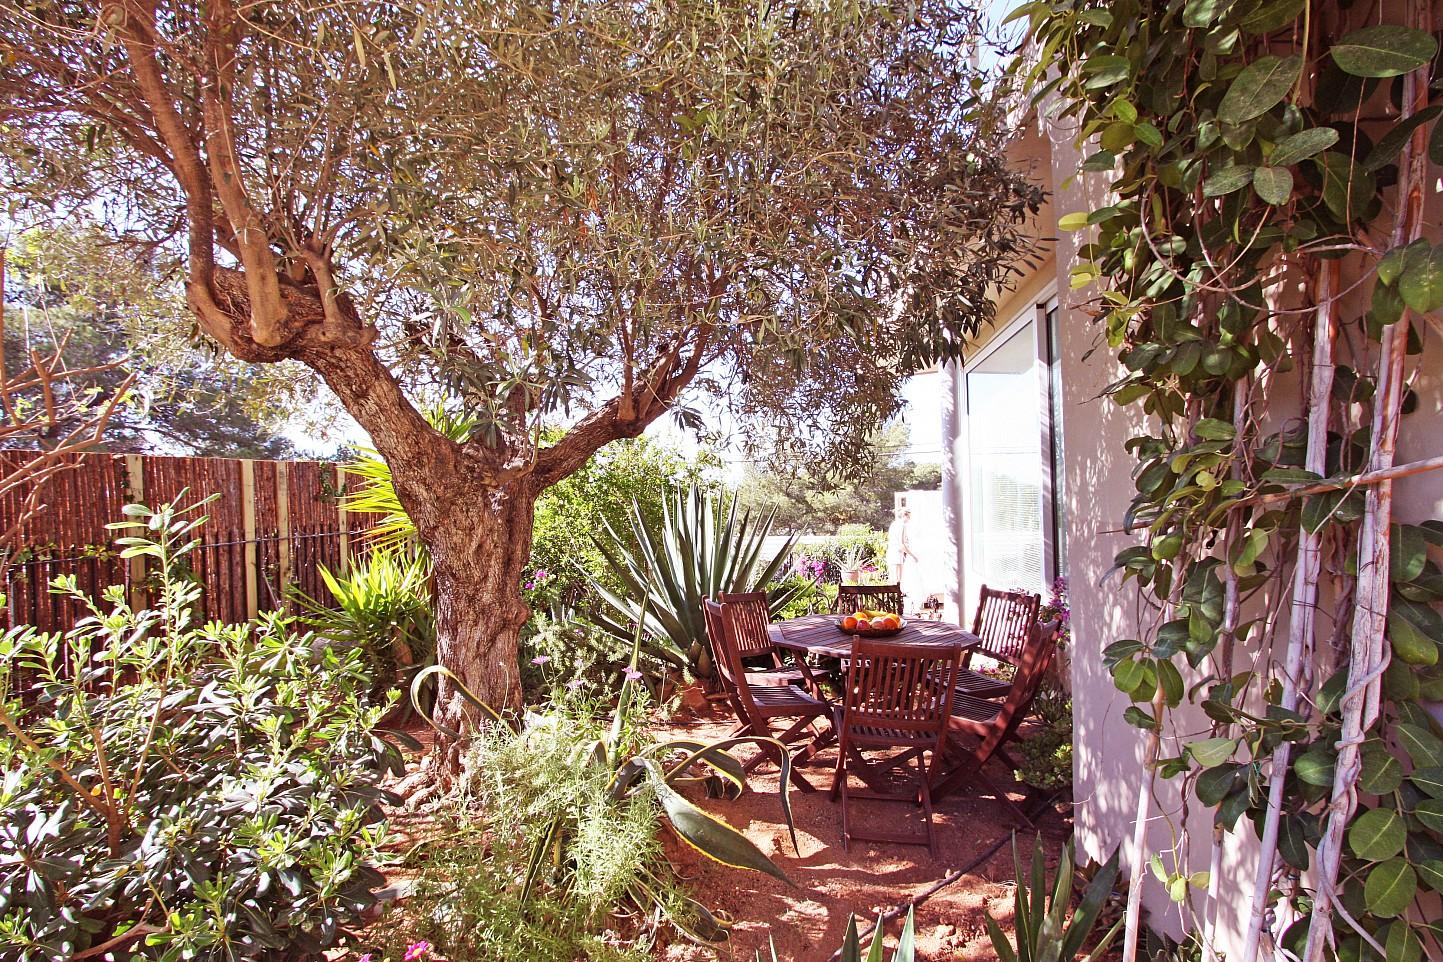 Jardines rodeados de árboles